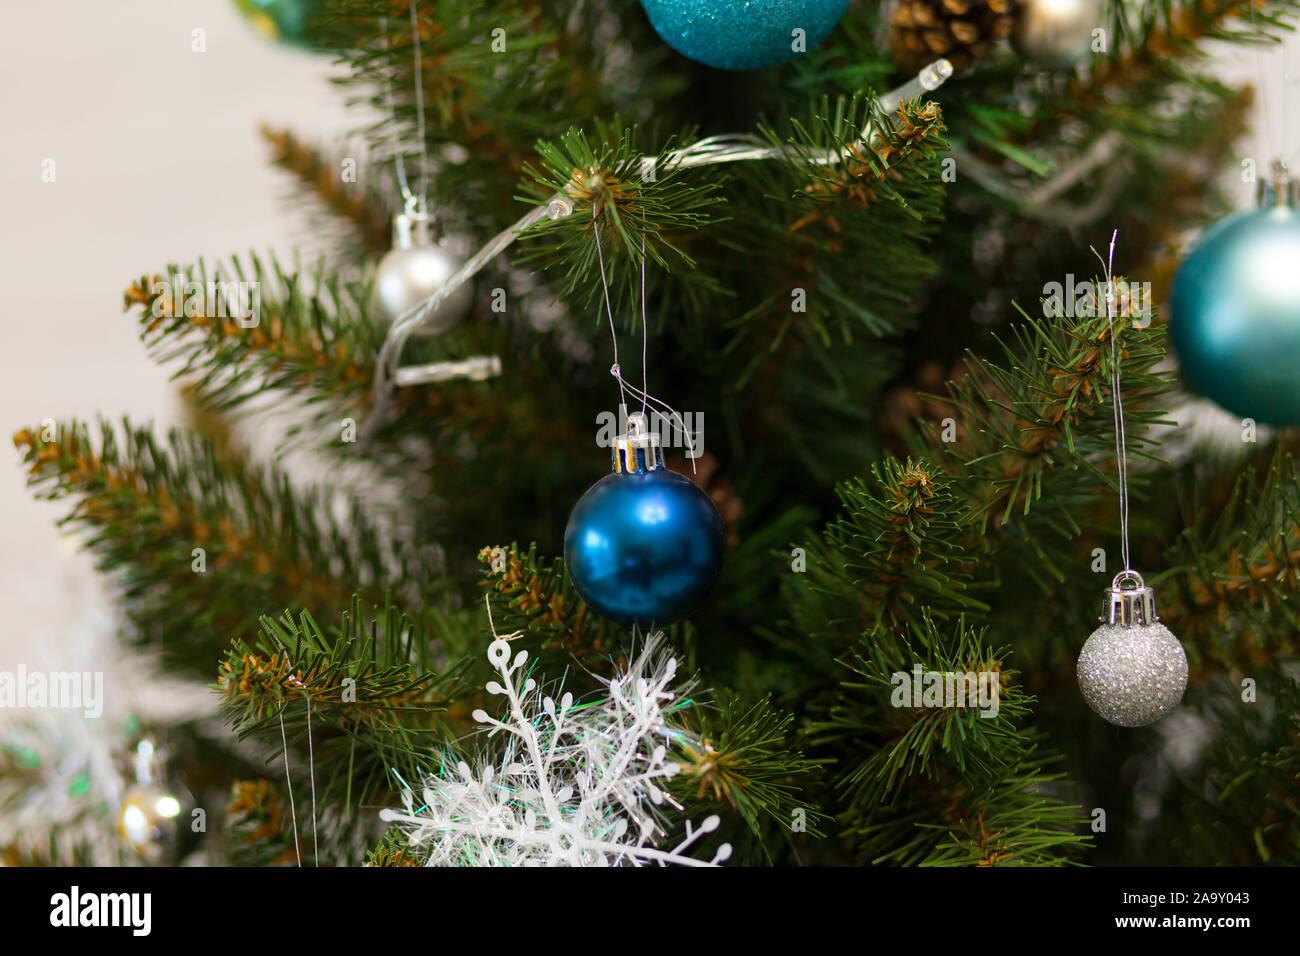 noir vert et blanc deux tons Guirlande D/écoration sapin de no/ël f/ête c/él/ébration artificiel Guirlande GROS